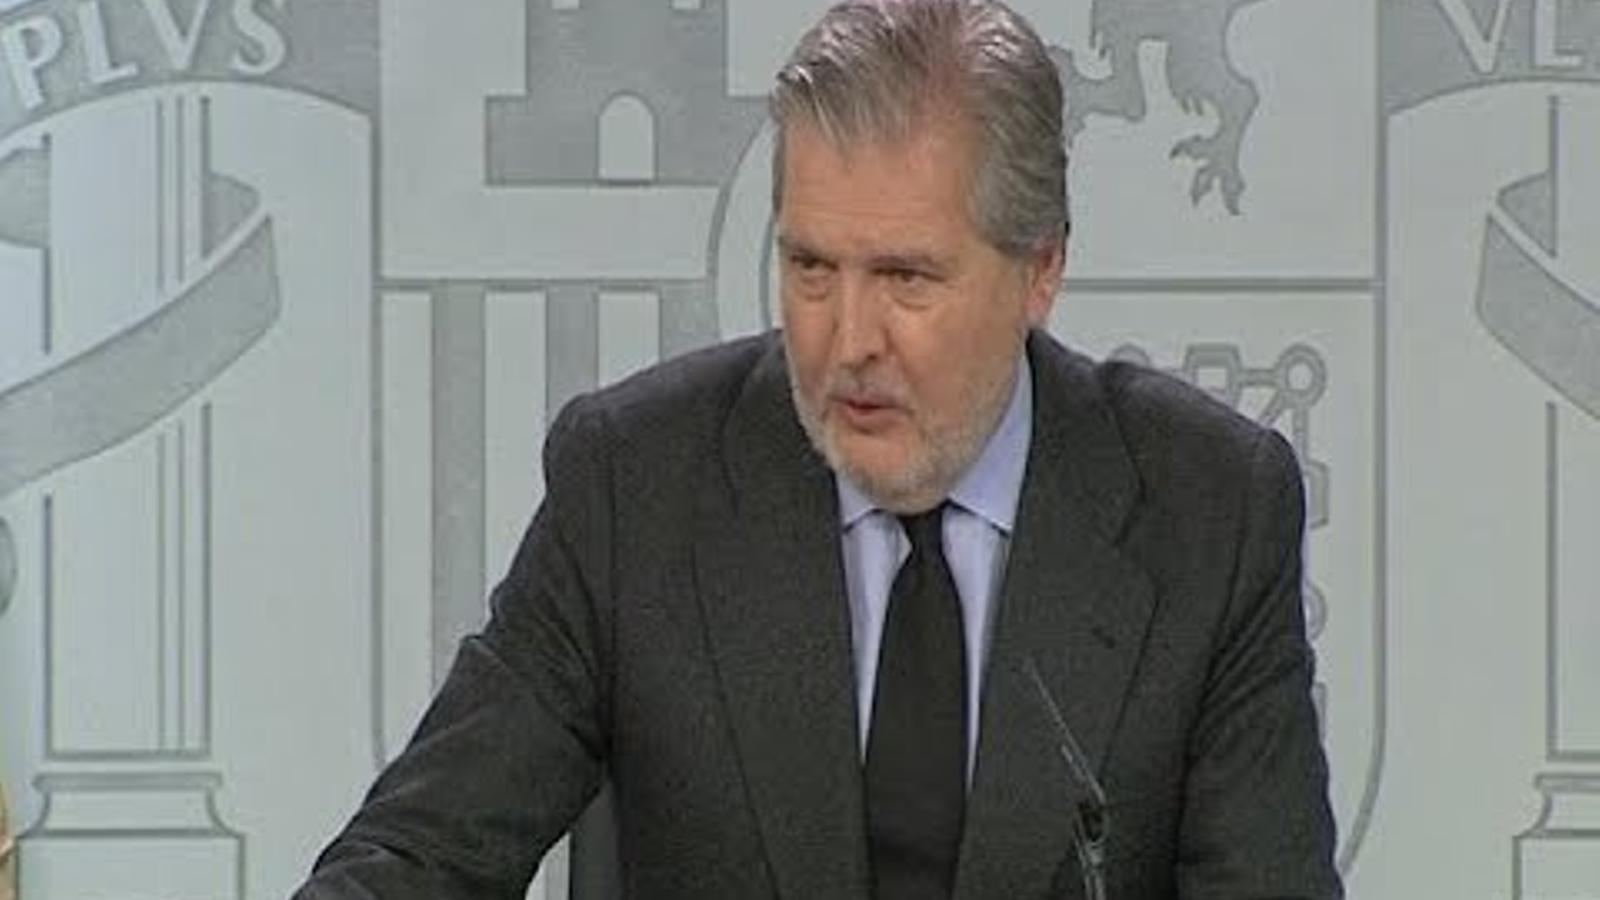 Roda de premsa del consell de ministres amb Méndez de Vigo